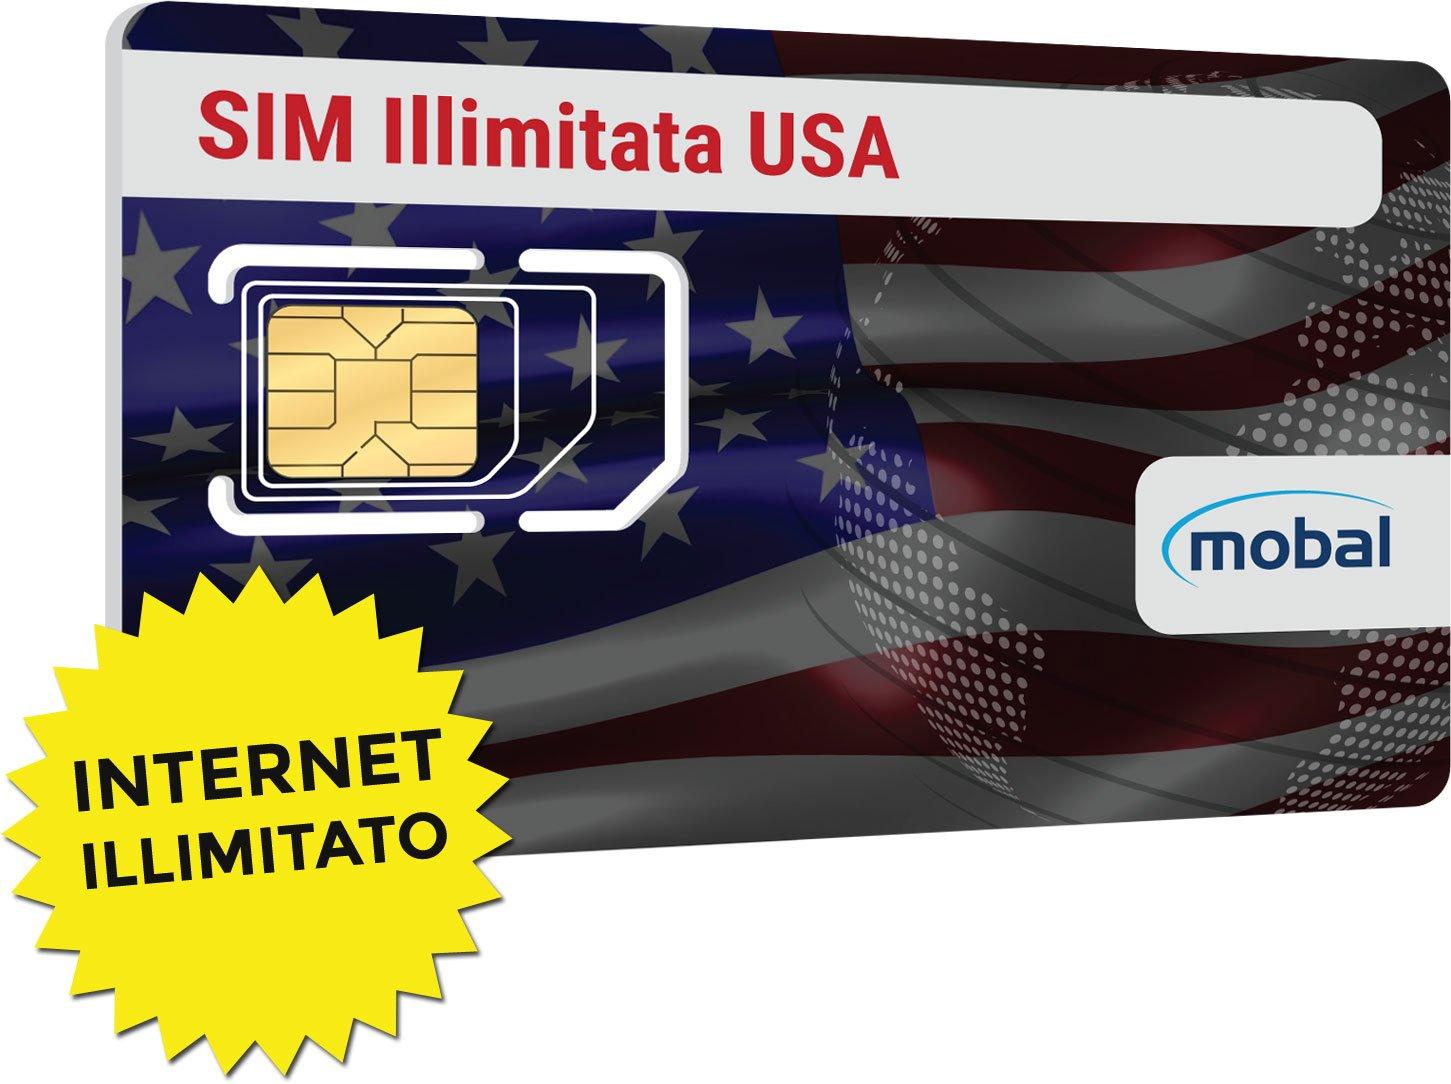 USA illimitato carta SIM da Mobal. Illimitato Data & SMS. Un ...